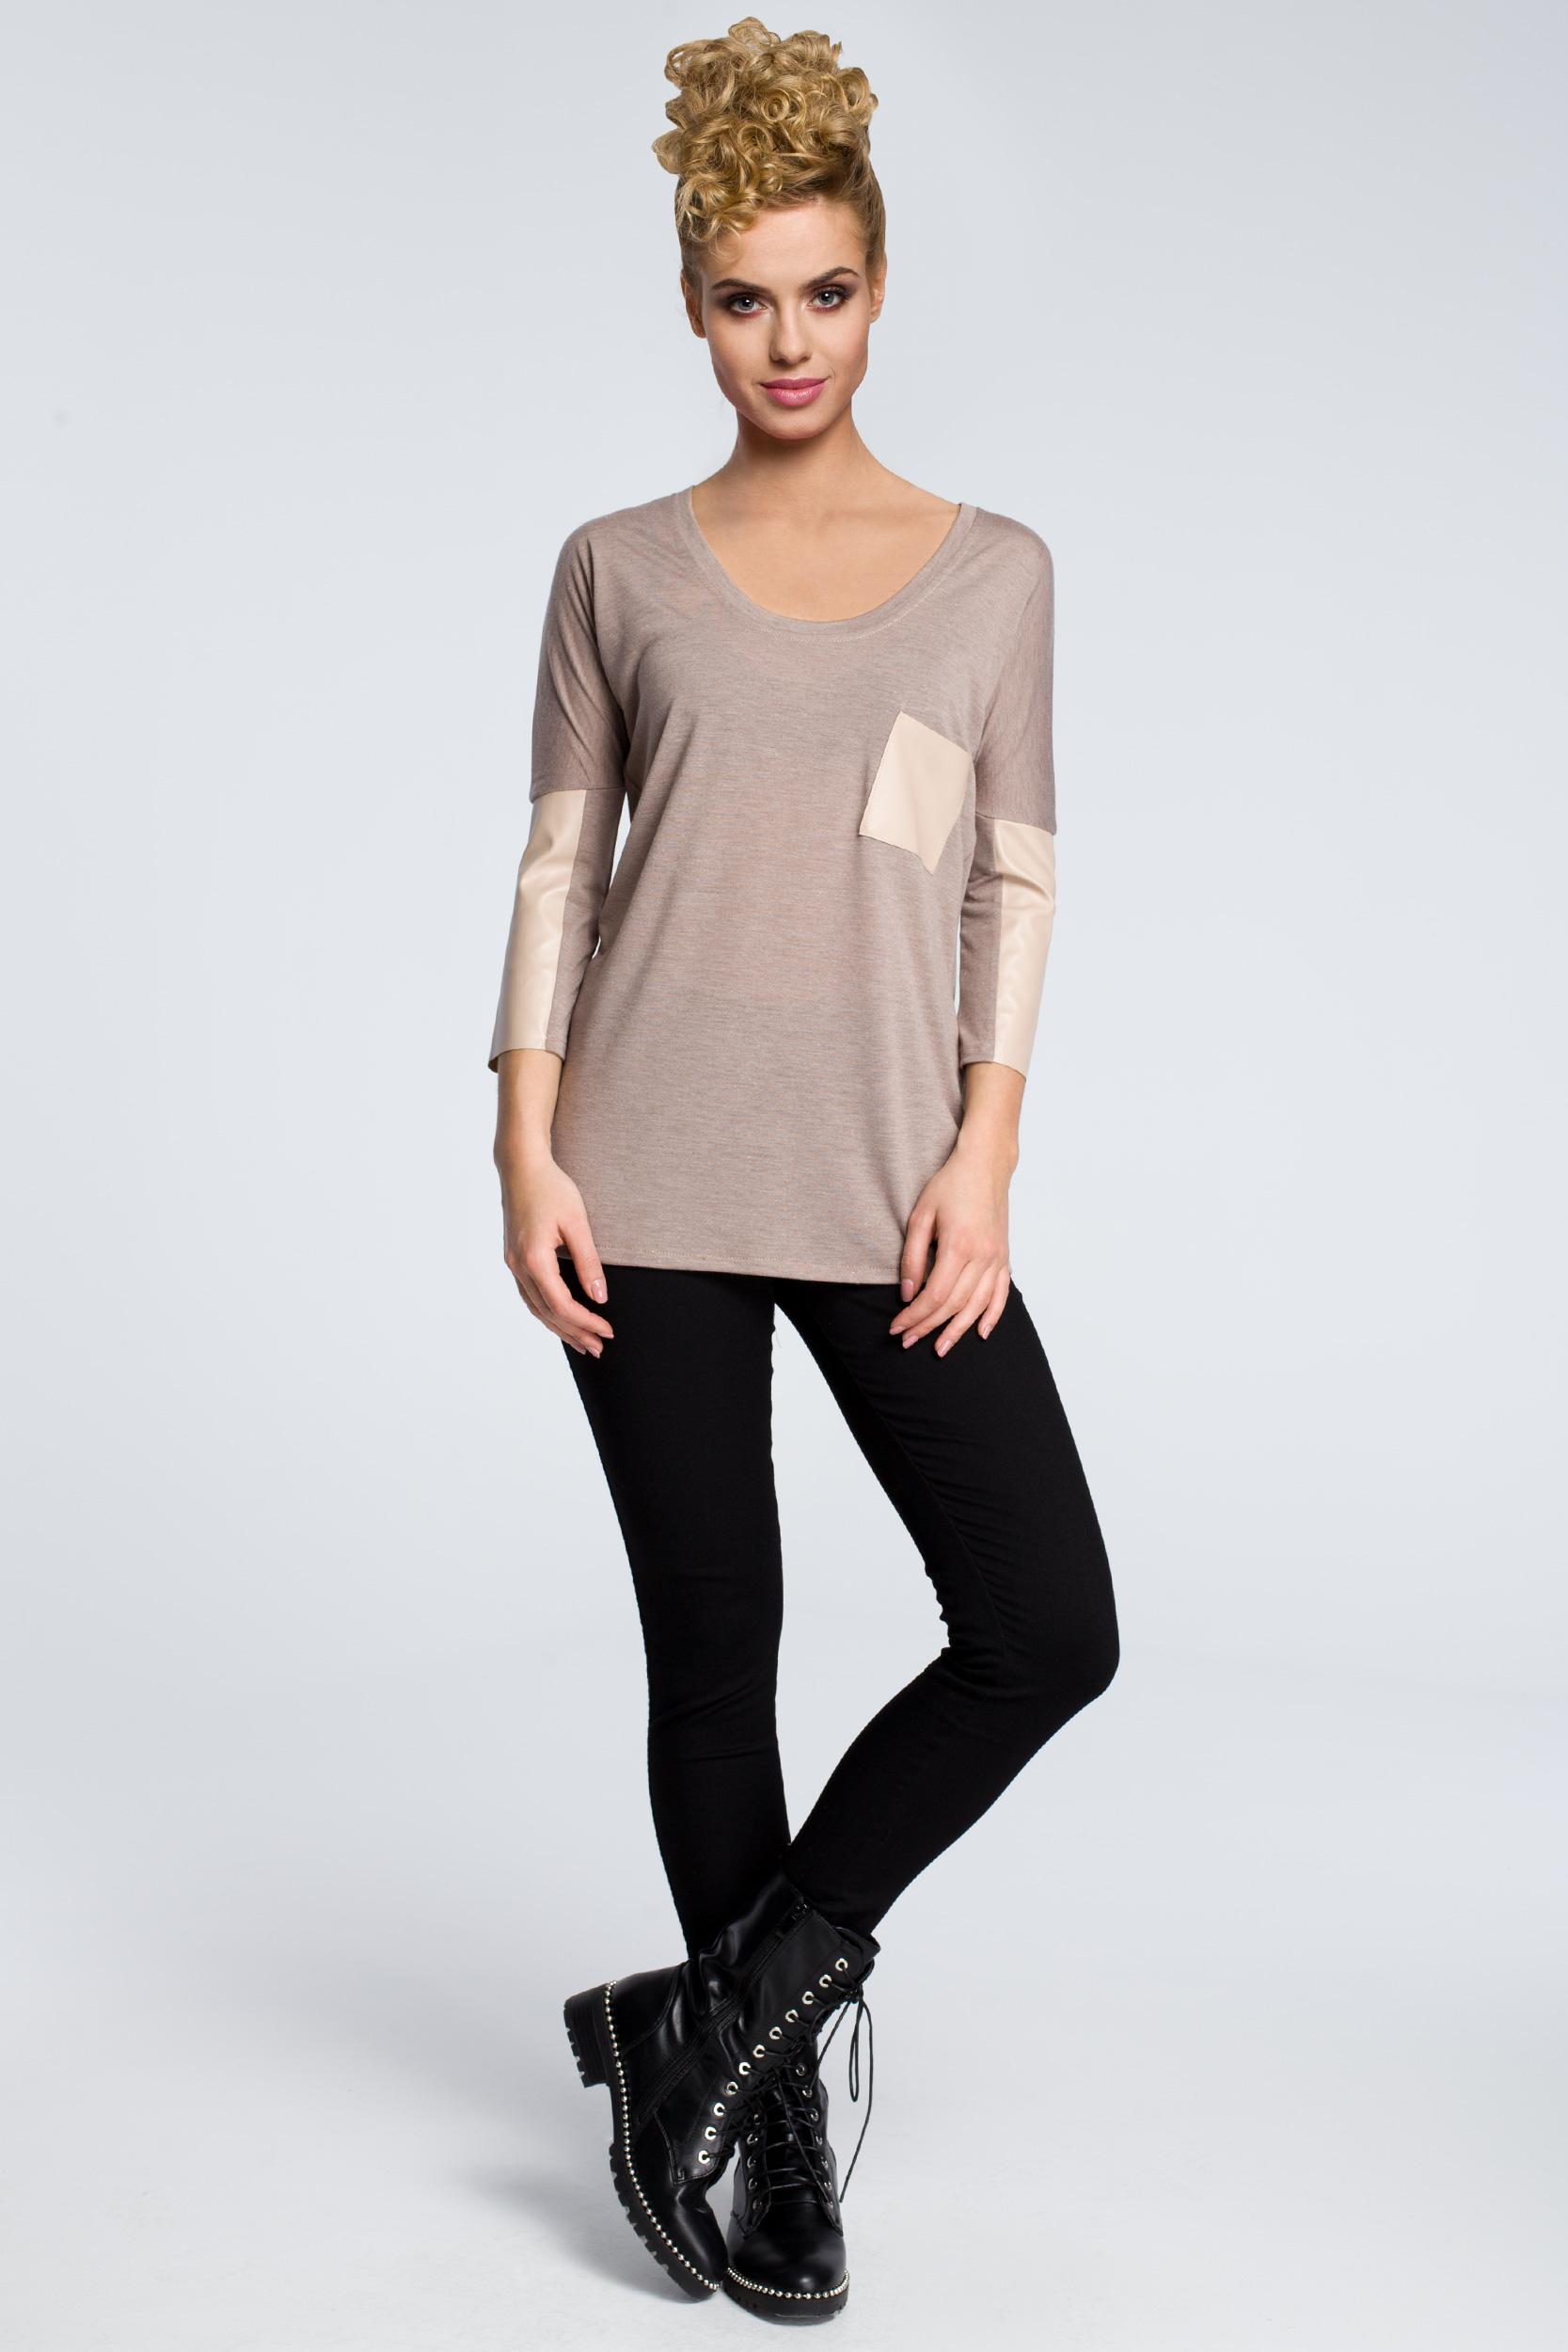 CM0762 Zwiewna bluzka damska z rękawem 3/4 ze skórzanymi wstawkami - cappuccino